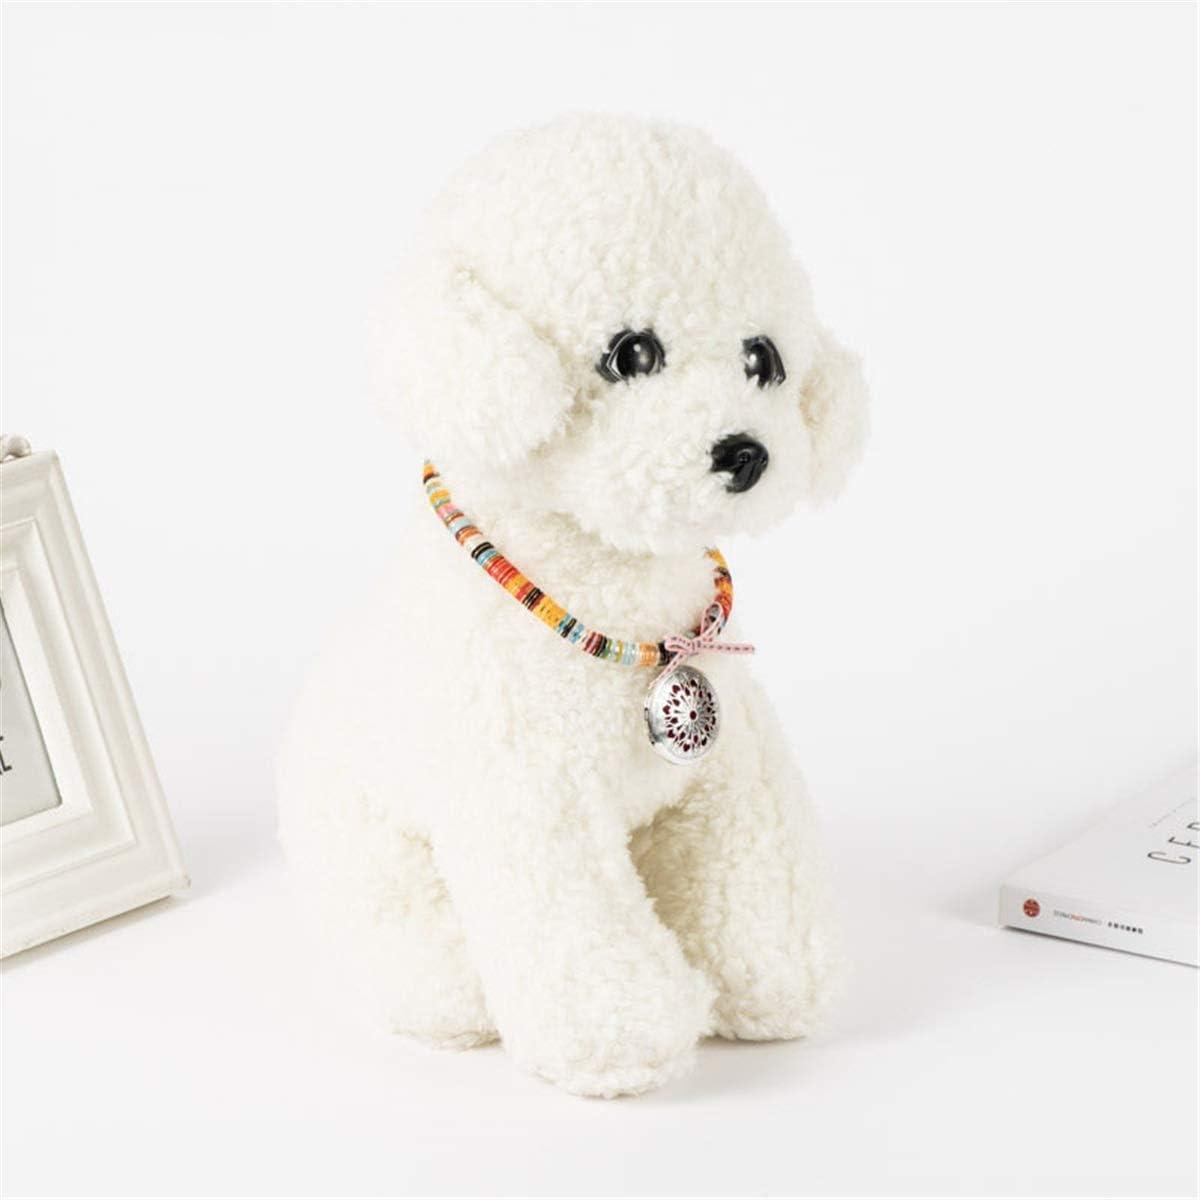 ペット用品 ファッションクリエイティブペット首輪猫犬の首輪アンチフリーフェーズボックスジュエリー用品 ペット用